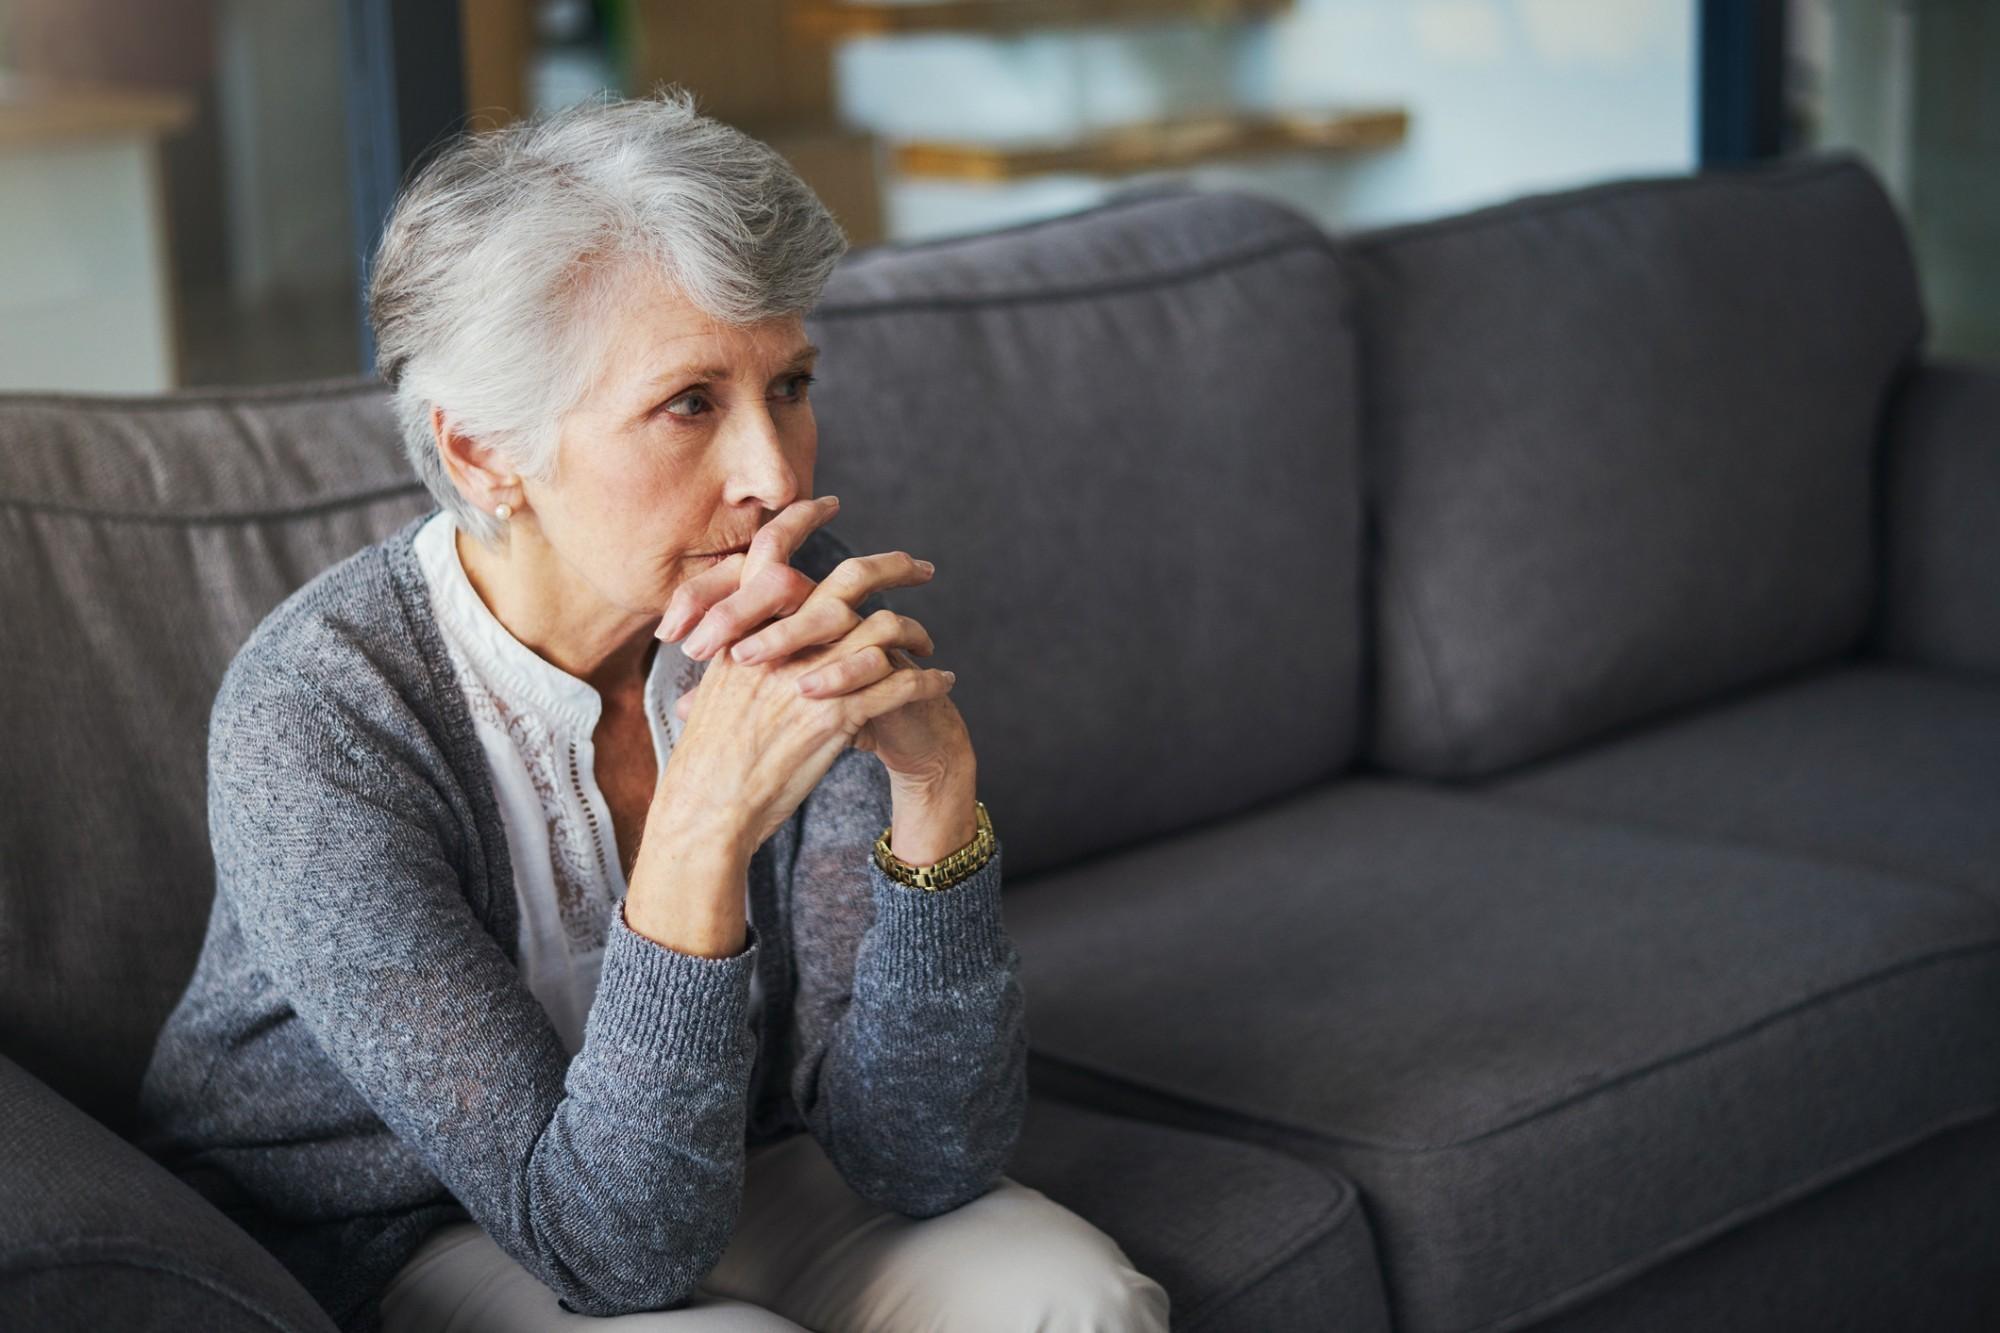 Ansiedade em idosos: saiba quais atitudes tomar para ajudá-los